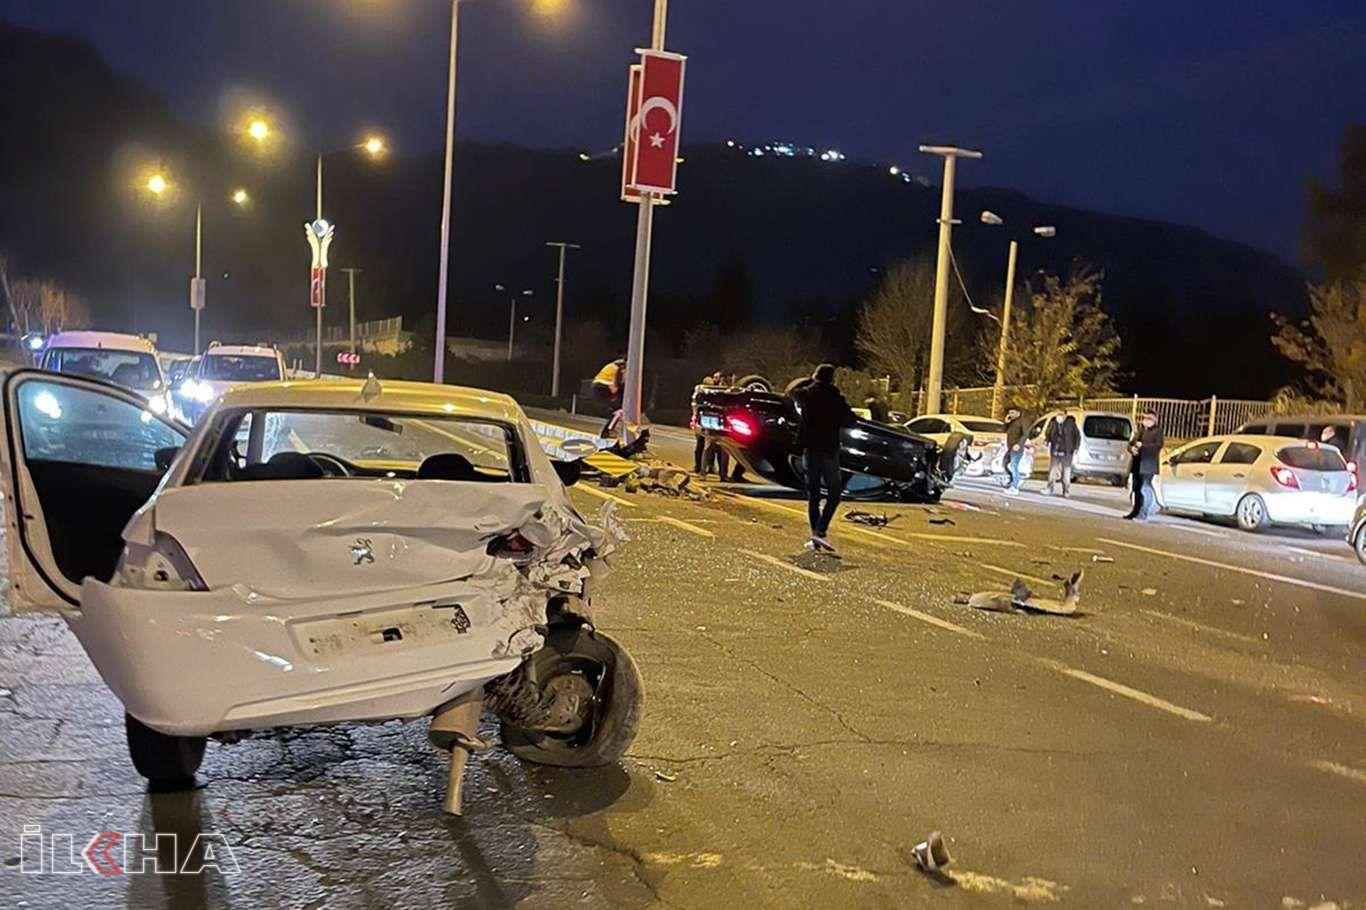 Mardin'de maddi hasarlı trafik kazası meydana geldi